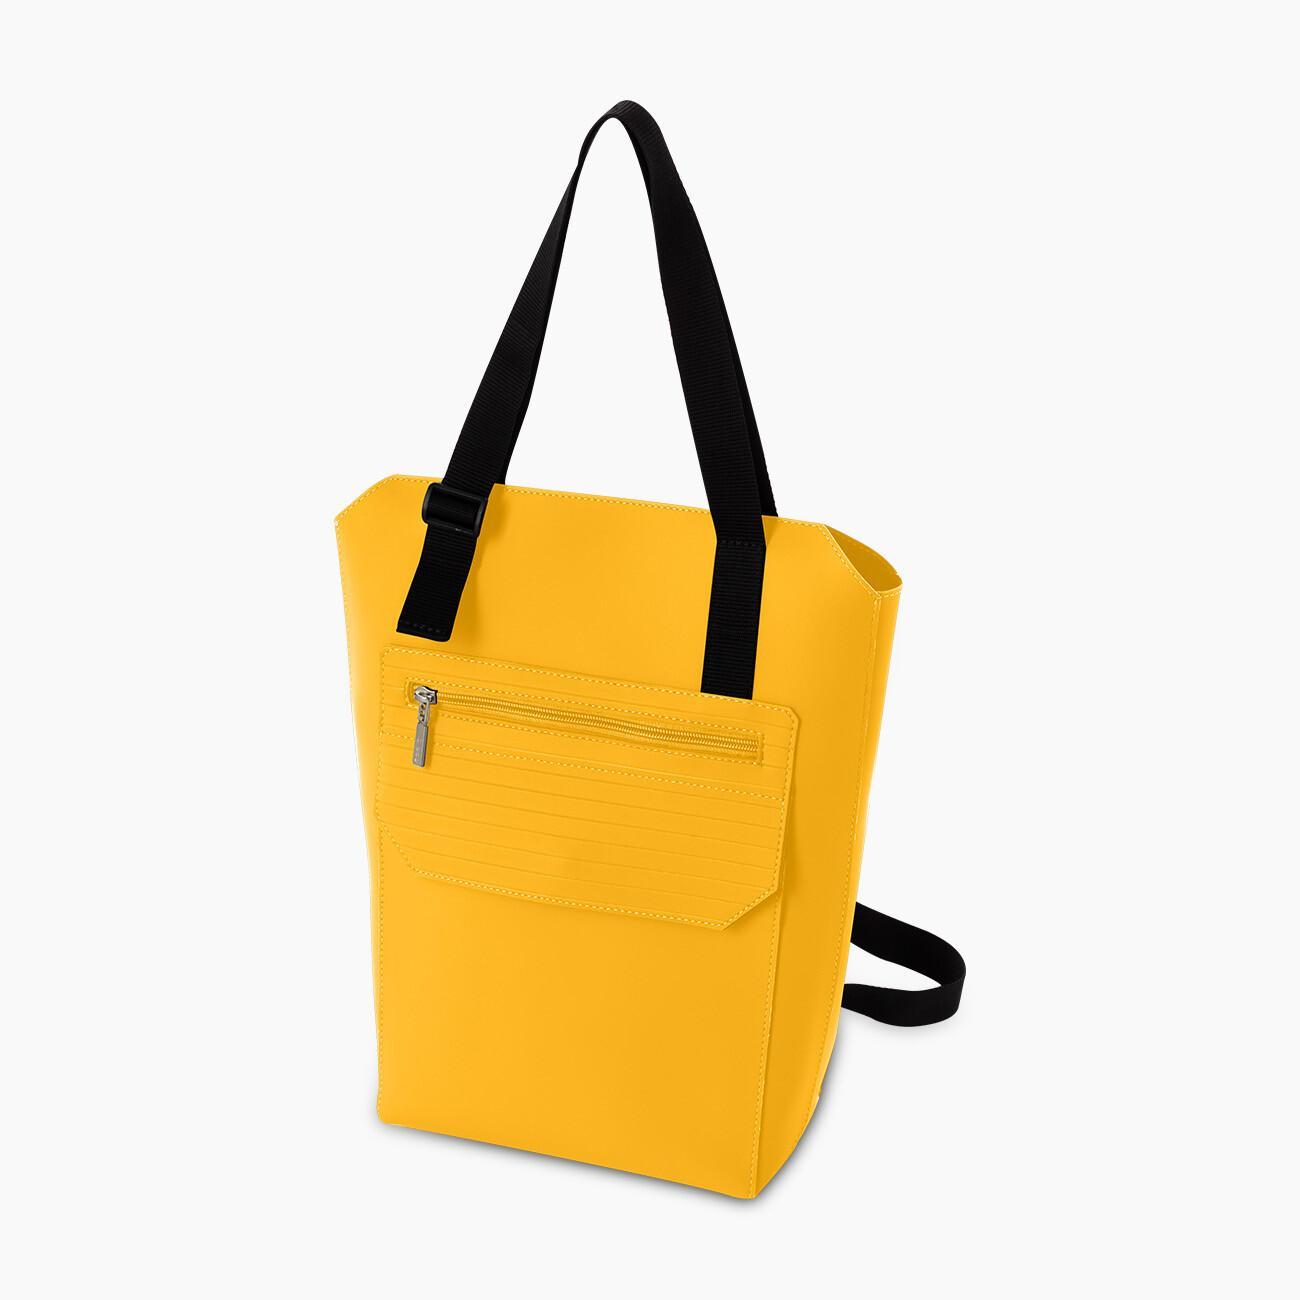 Nuovo Zaino Borsa O bag W 217 colore giallo ocra collezione inverno 2019 2020 - Nuovo Zaino Borsa O bag W 217 colore giallo ocra collezione inverno 2019 2020